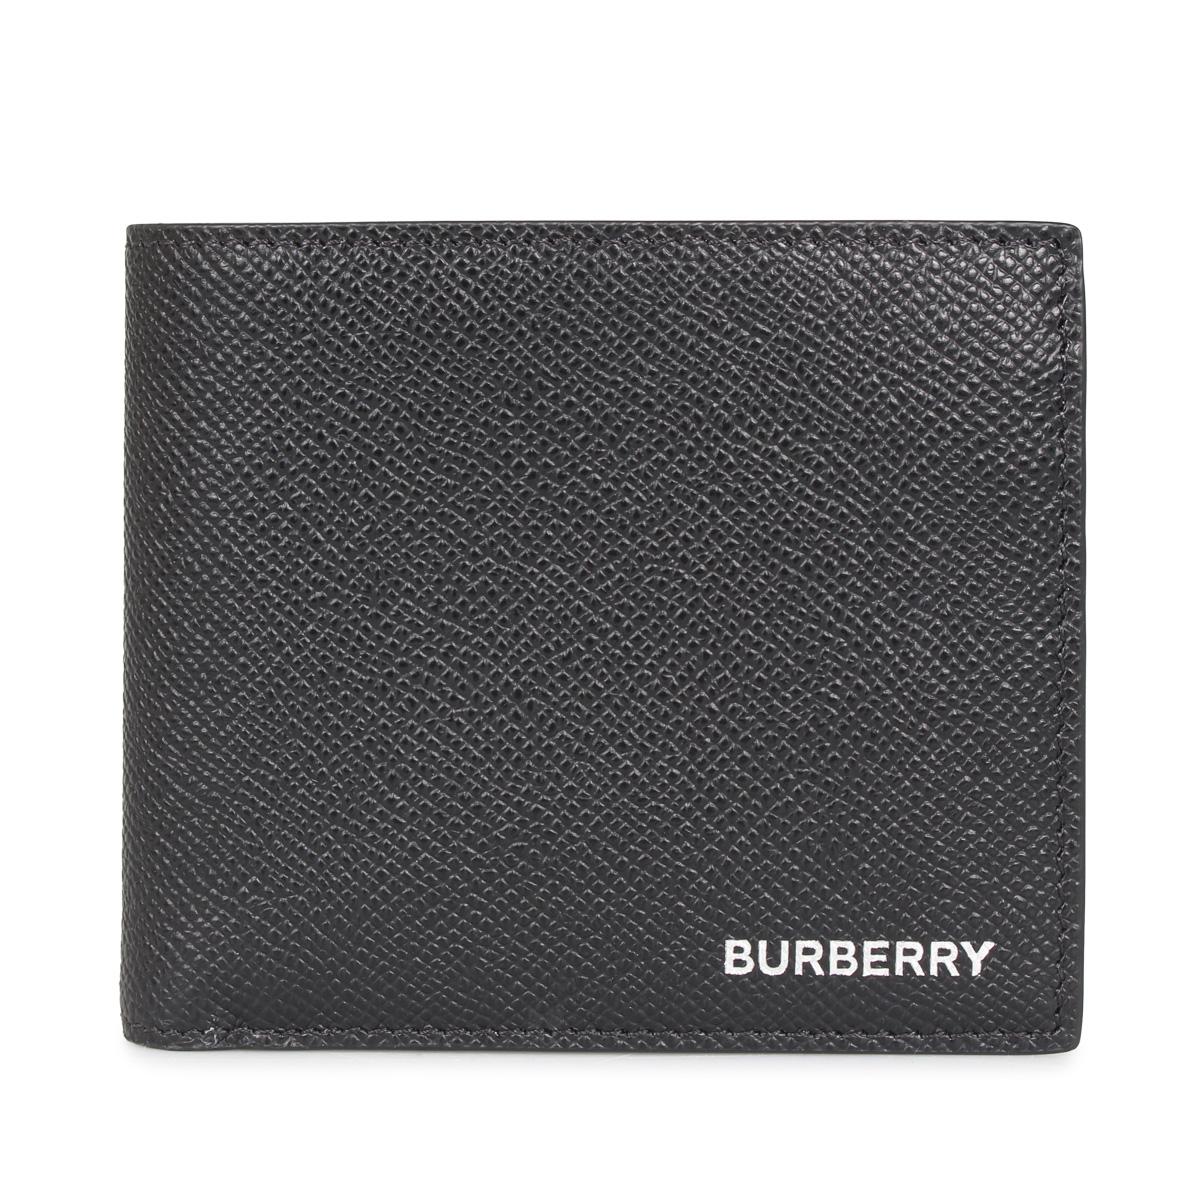 人気定番 BURBERRY CC BILL COIN バーバリー 財布 二つ折り メンズ ブラック 黒 8014656, コクラミナミク 7299f359